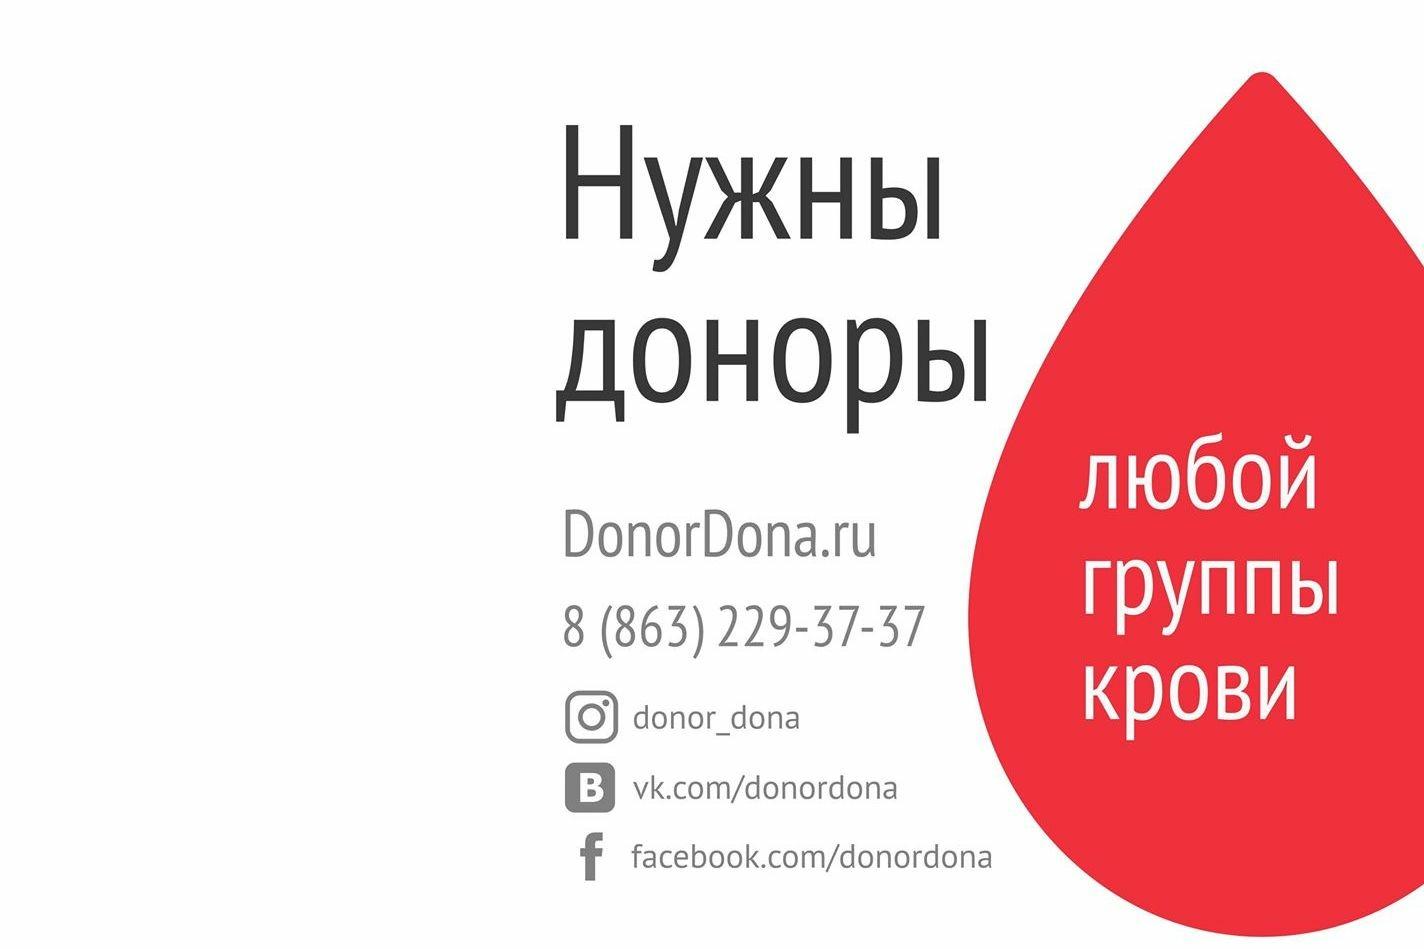 4 января станция переливания крови ждет доноров